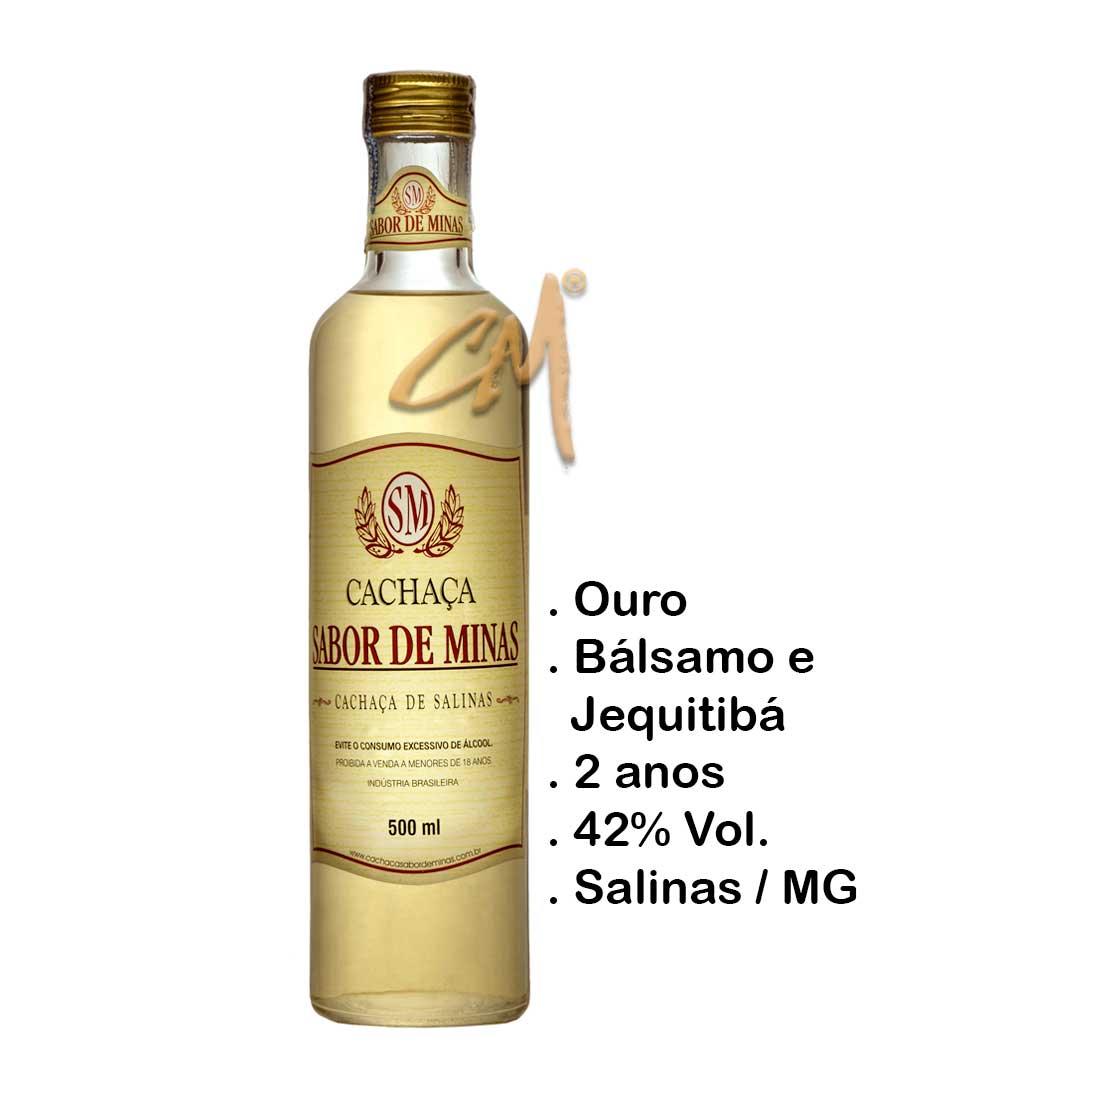 Cachaça Sabor de Minas Ouro 500 ml (Salinas- MG)